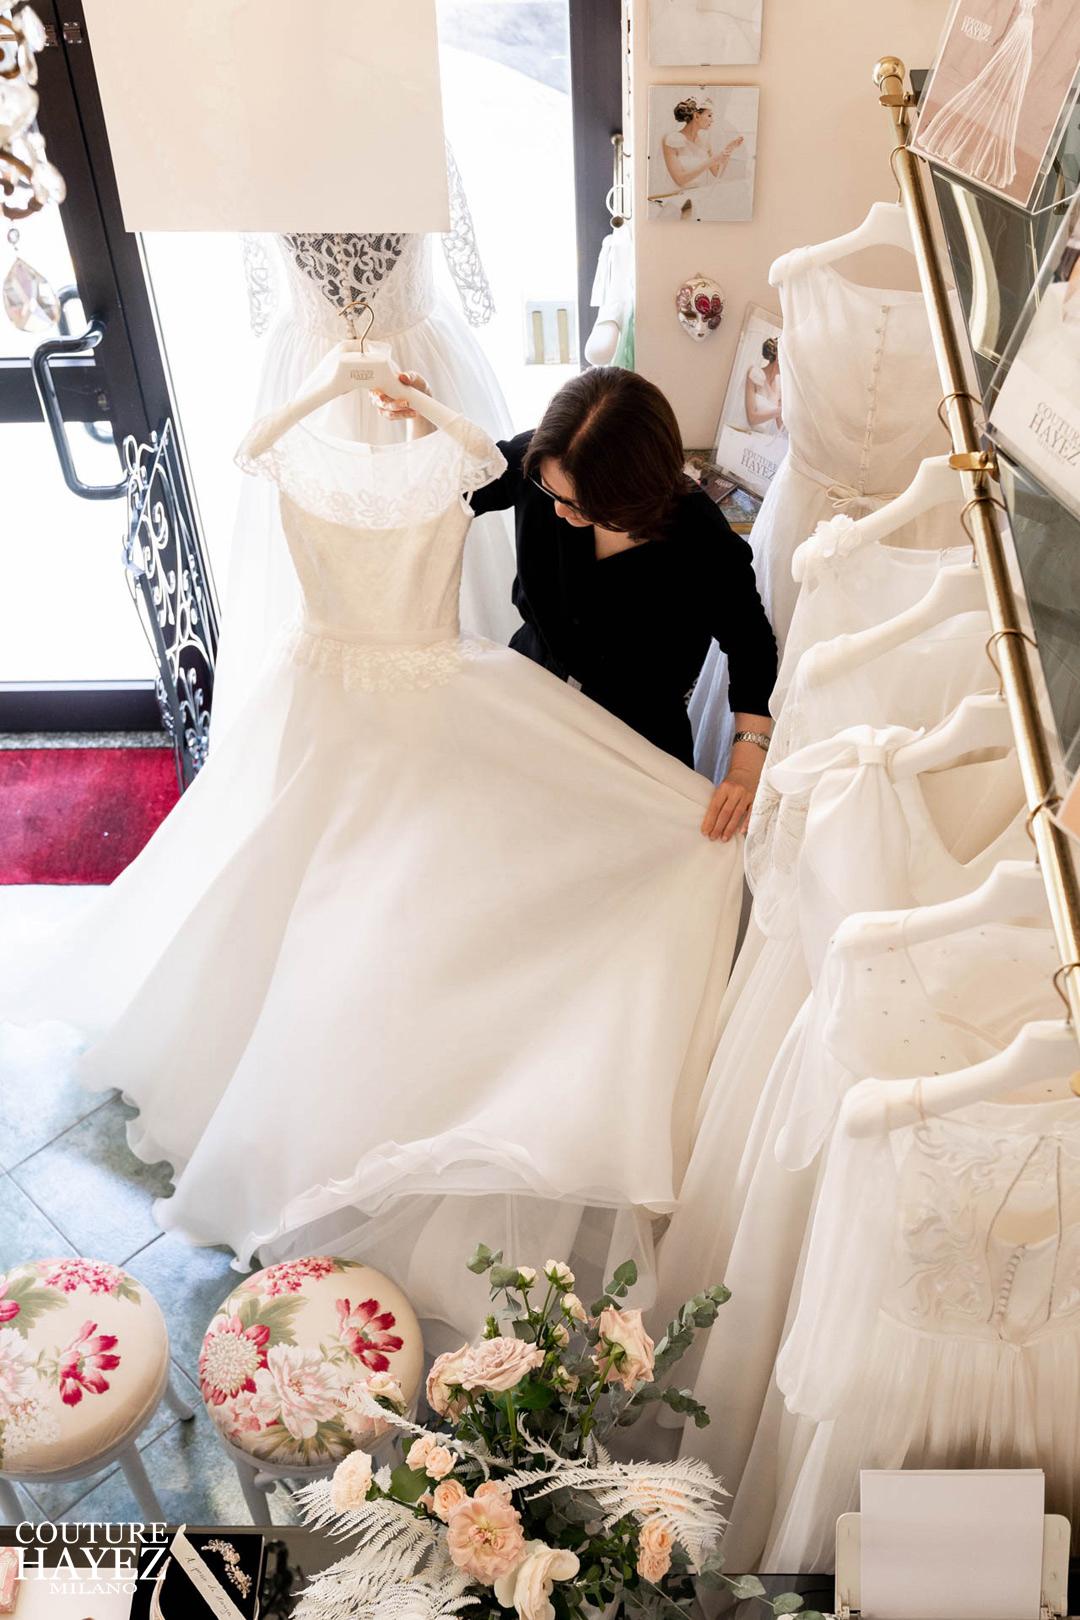 collezione abiti da sposa couture hayez milano, piccolo atelier sposa a milano